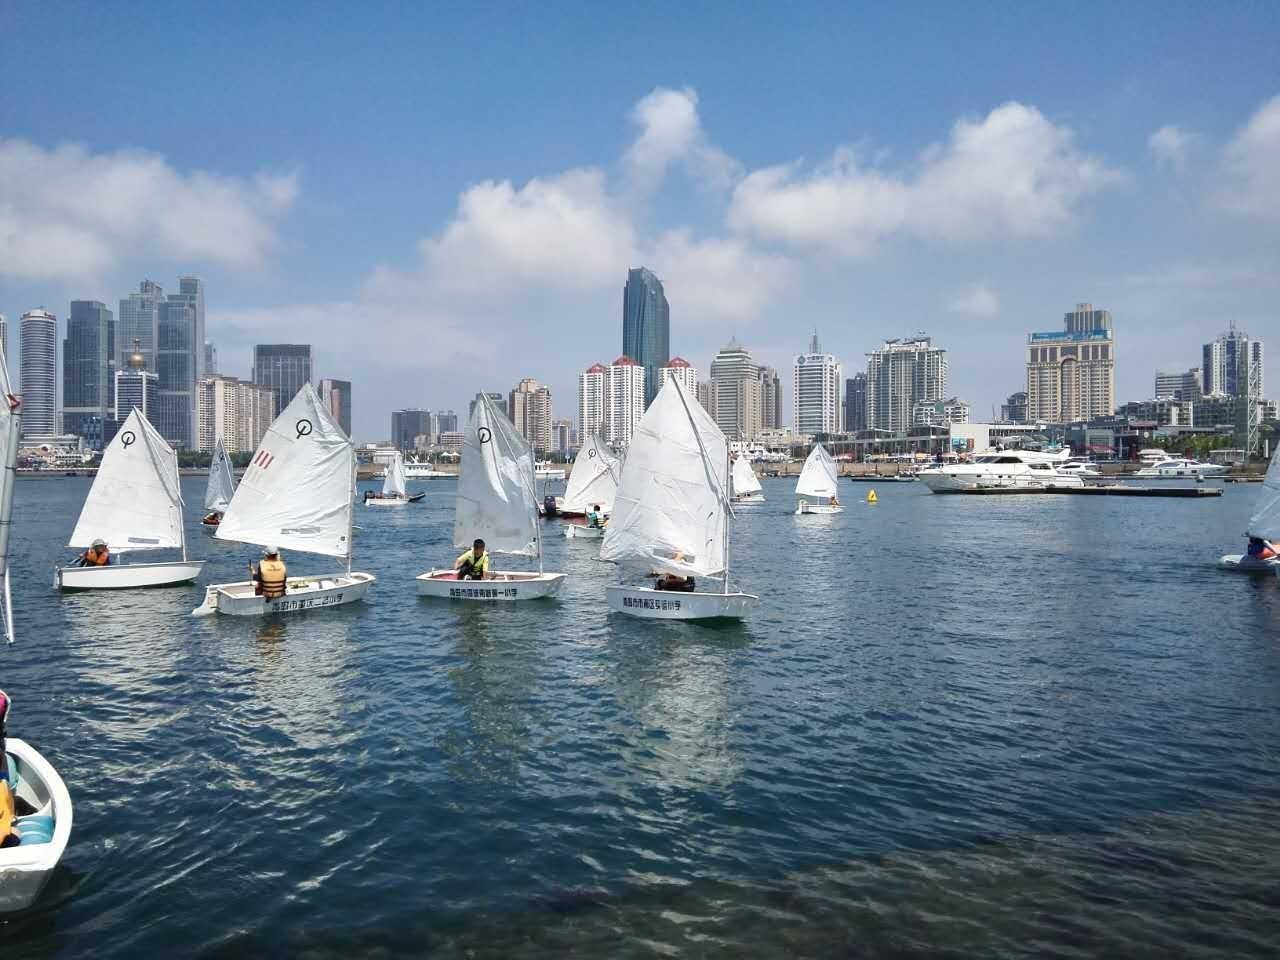 【深度解读】小帆船 大梦想丨为什么让青少年学习帆船? 0d8fff880f1e49345775db9bda209940.jpg